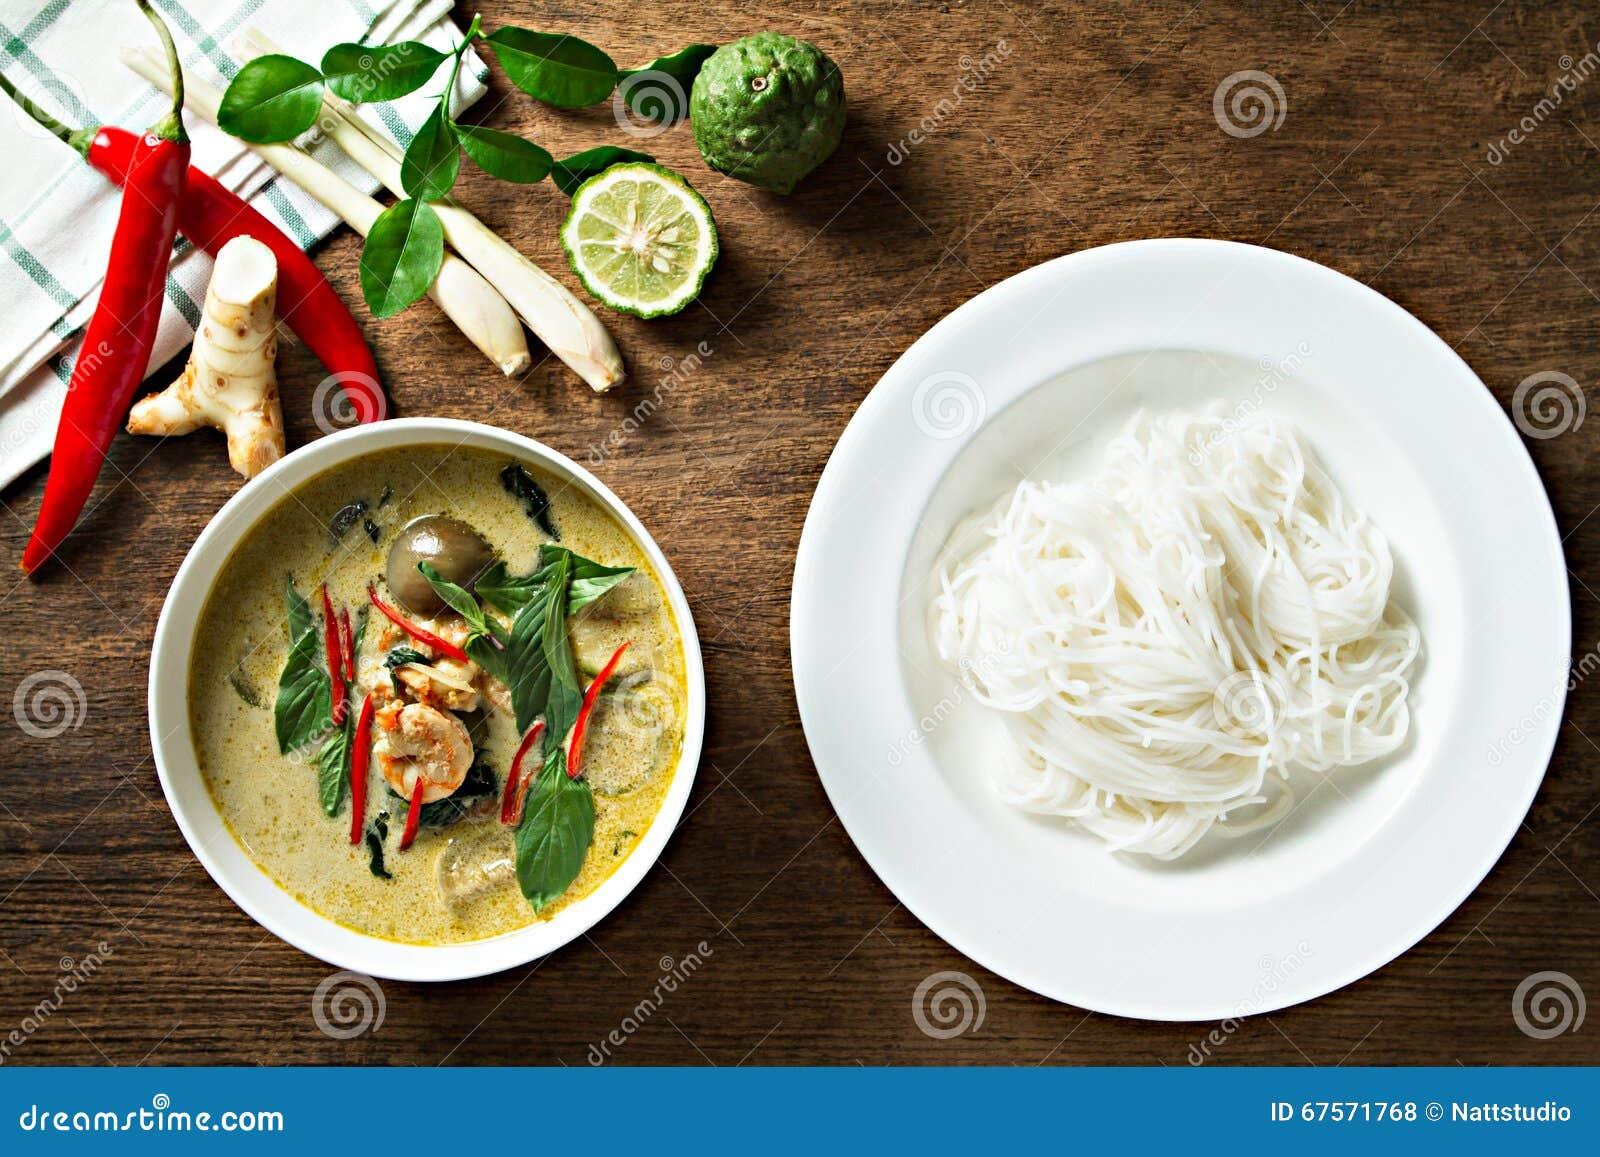 Zielony Curry Z Krewetkowymi I Ryzowymi Kluskami Kuchnia Tajska